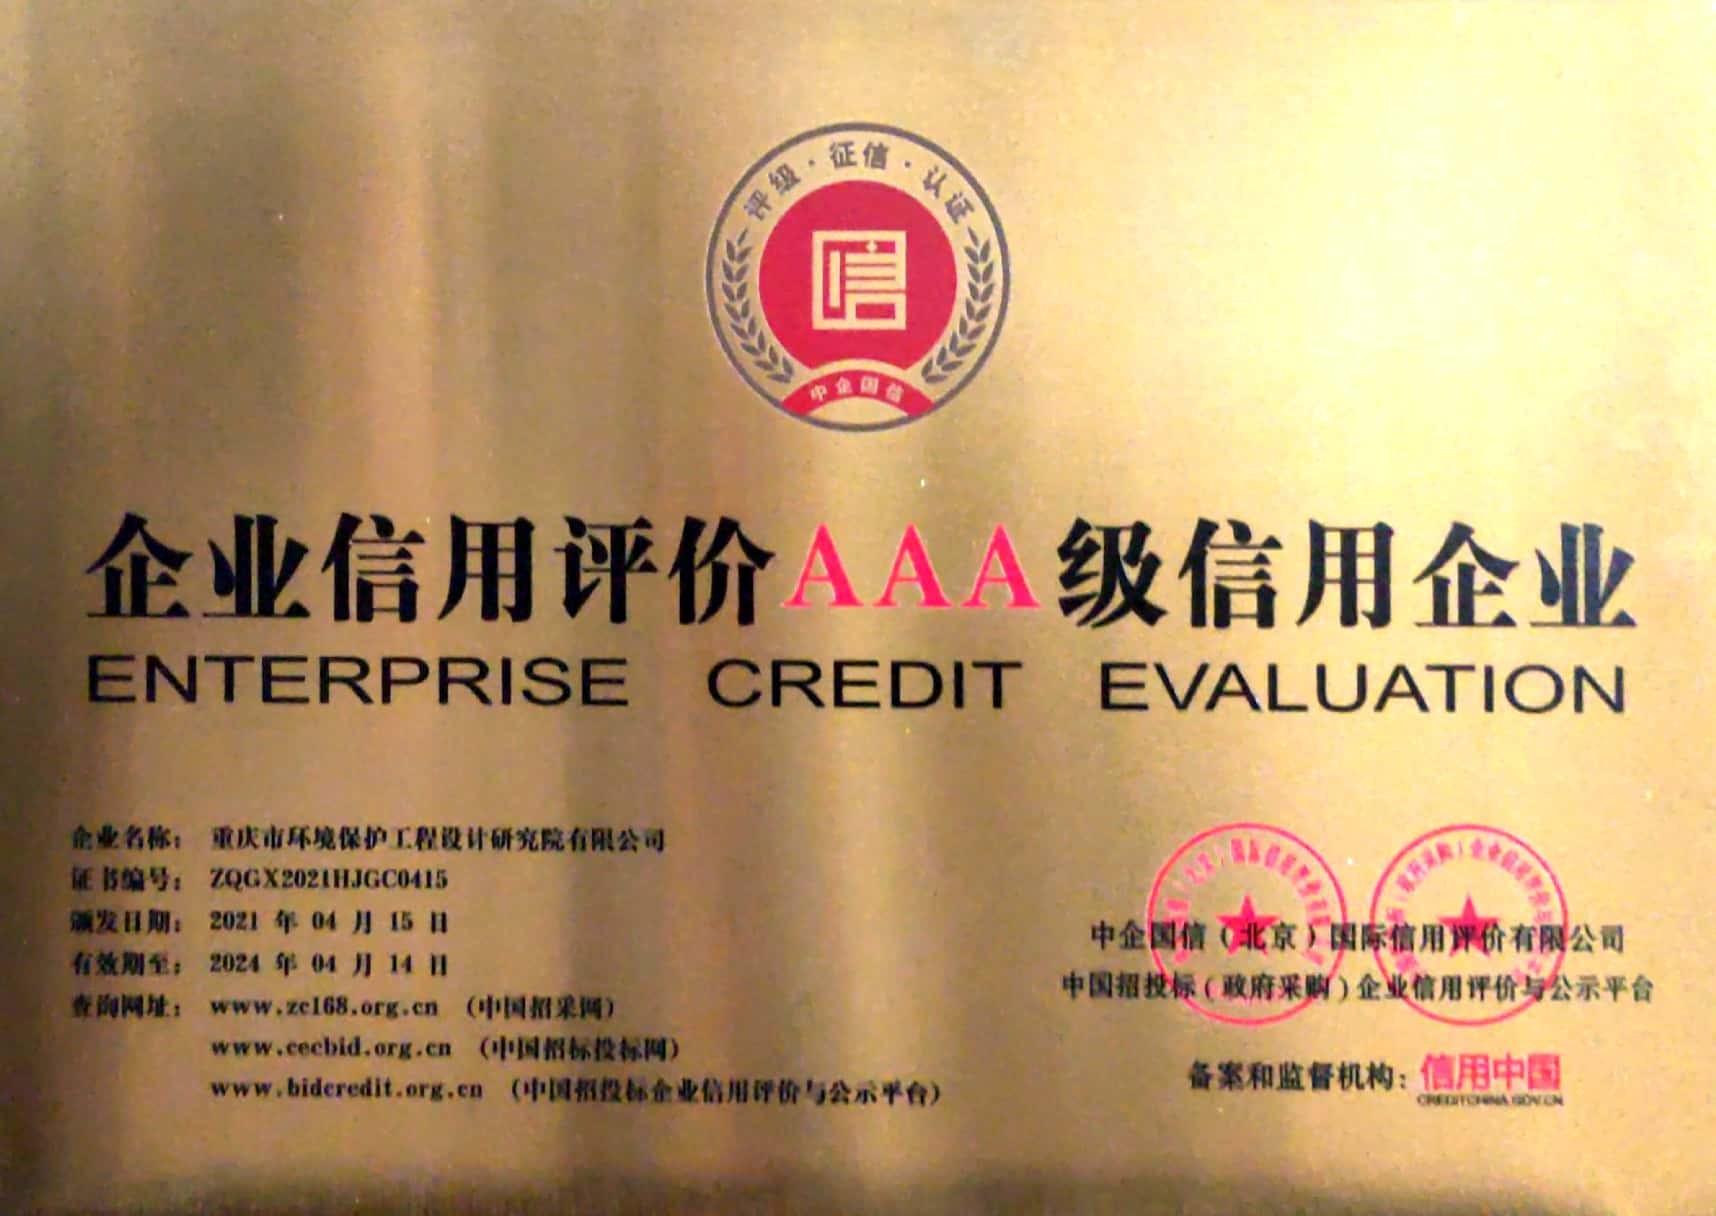 企业信用等级AAA级信用企业